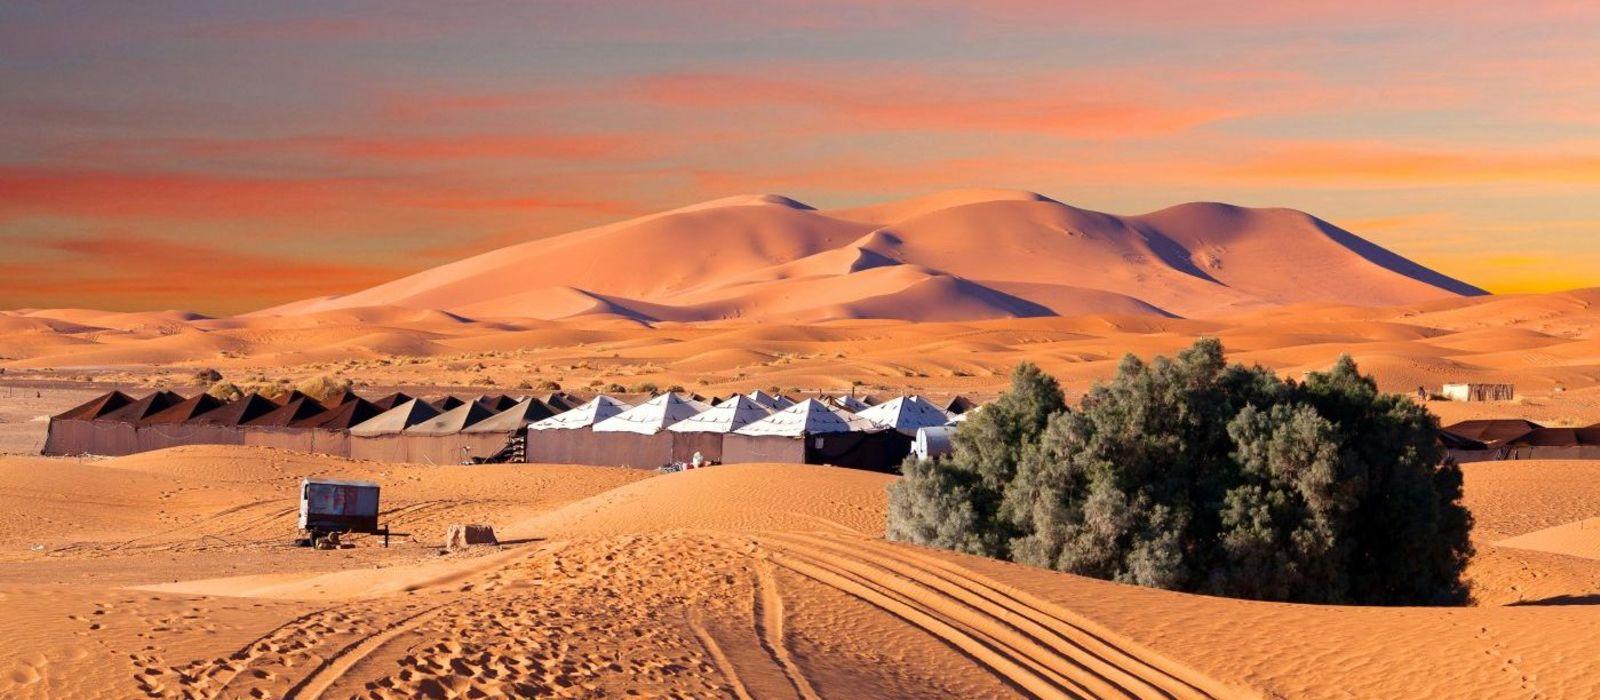 Destination Merzouga Morocco